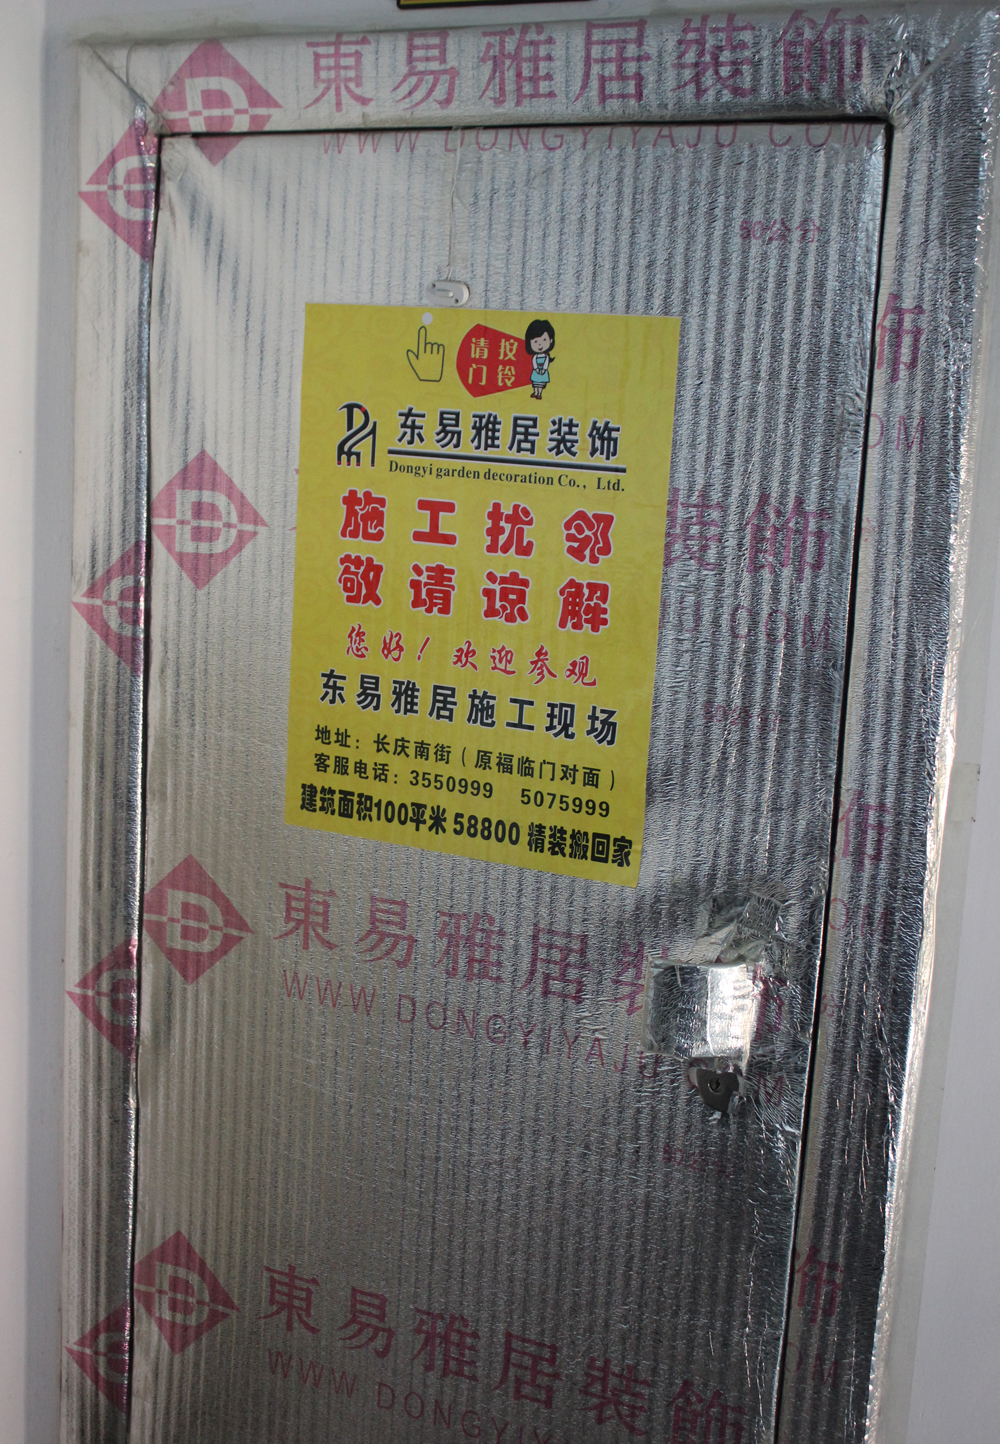 鹤城壹号样板房【装修进行中】,家居网全程跟踪报道